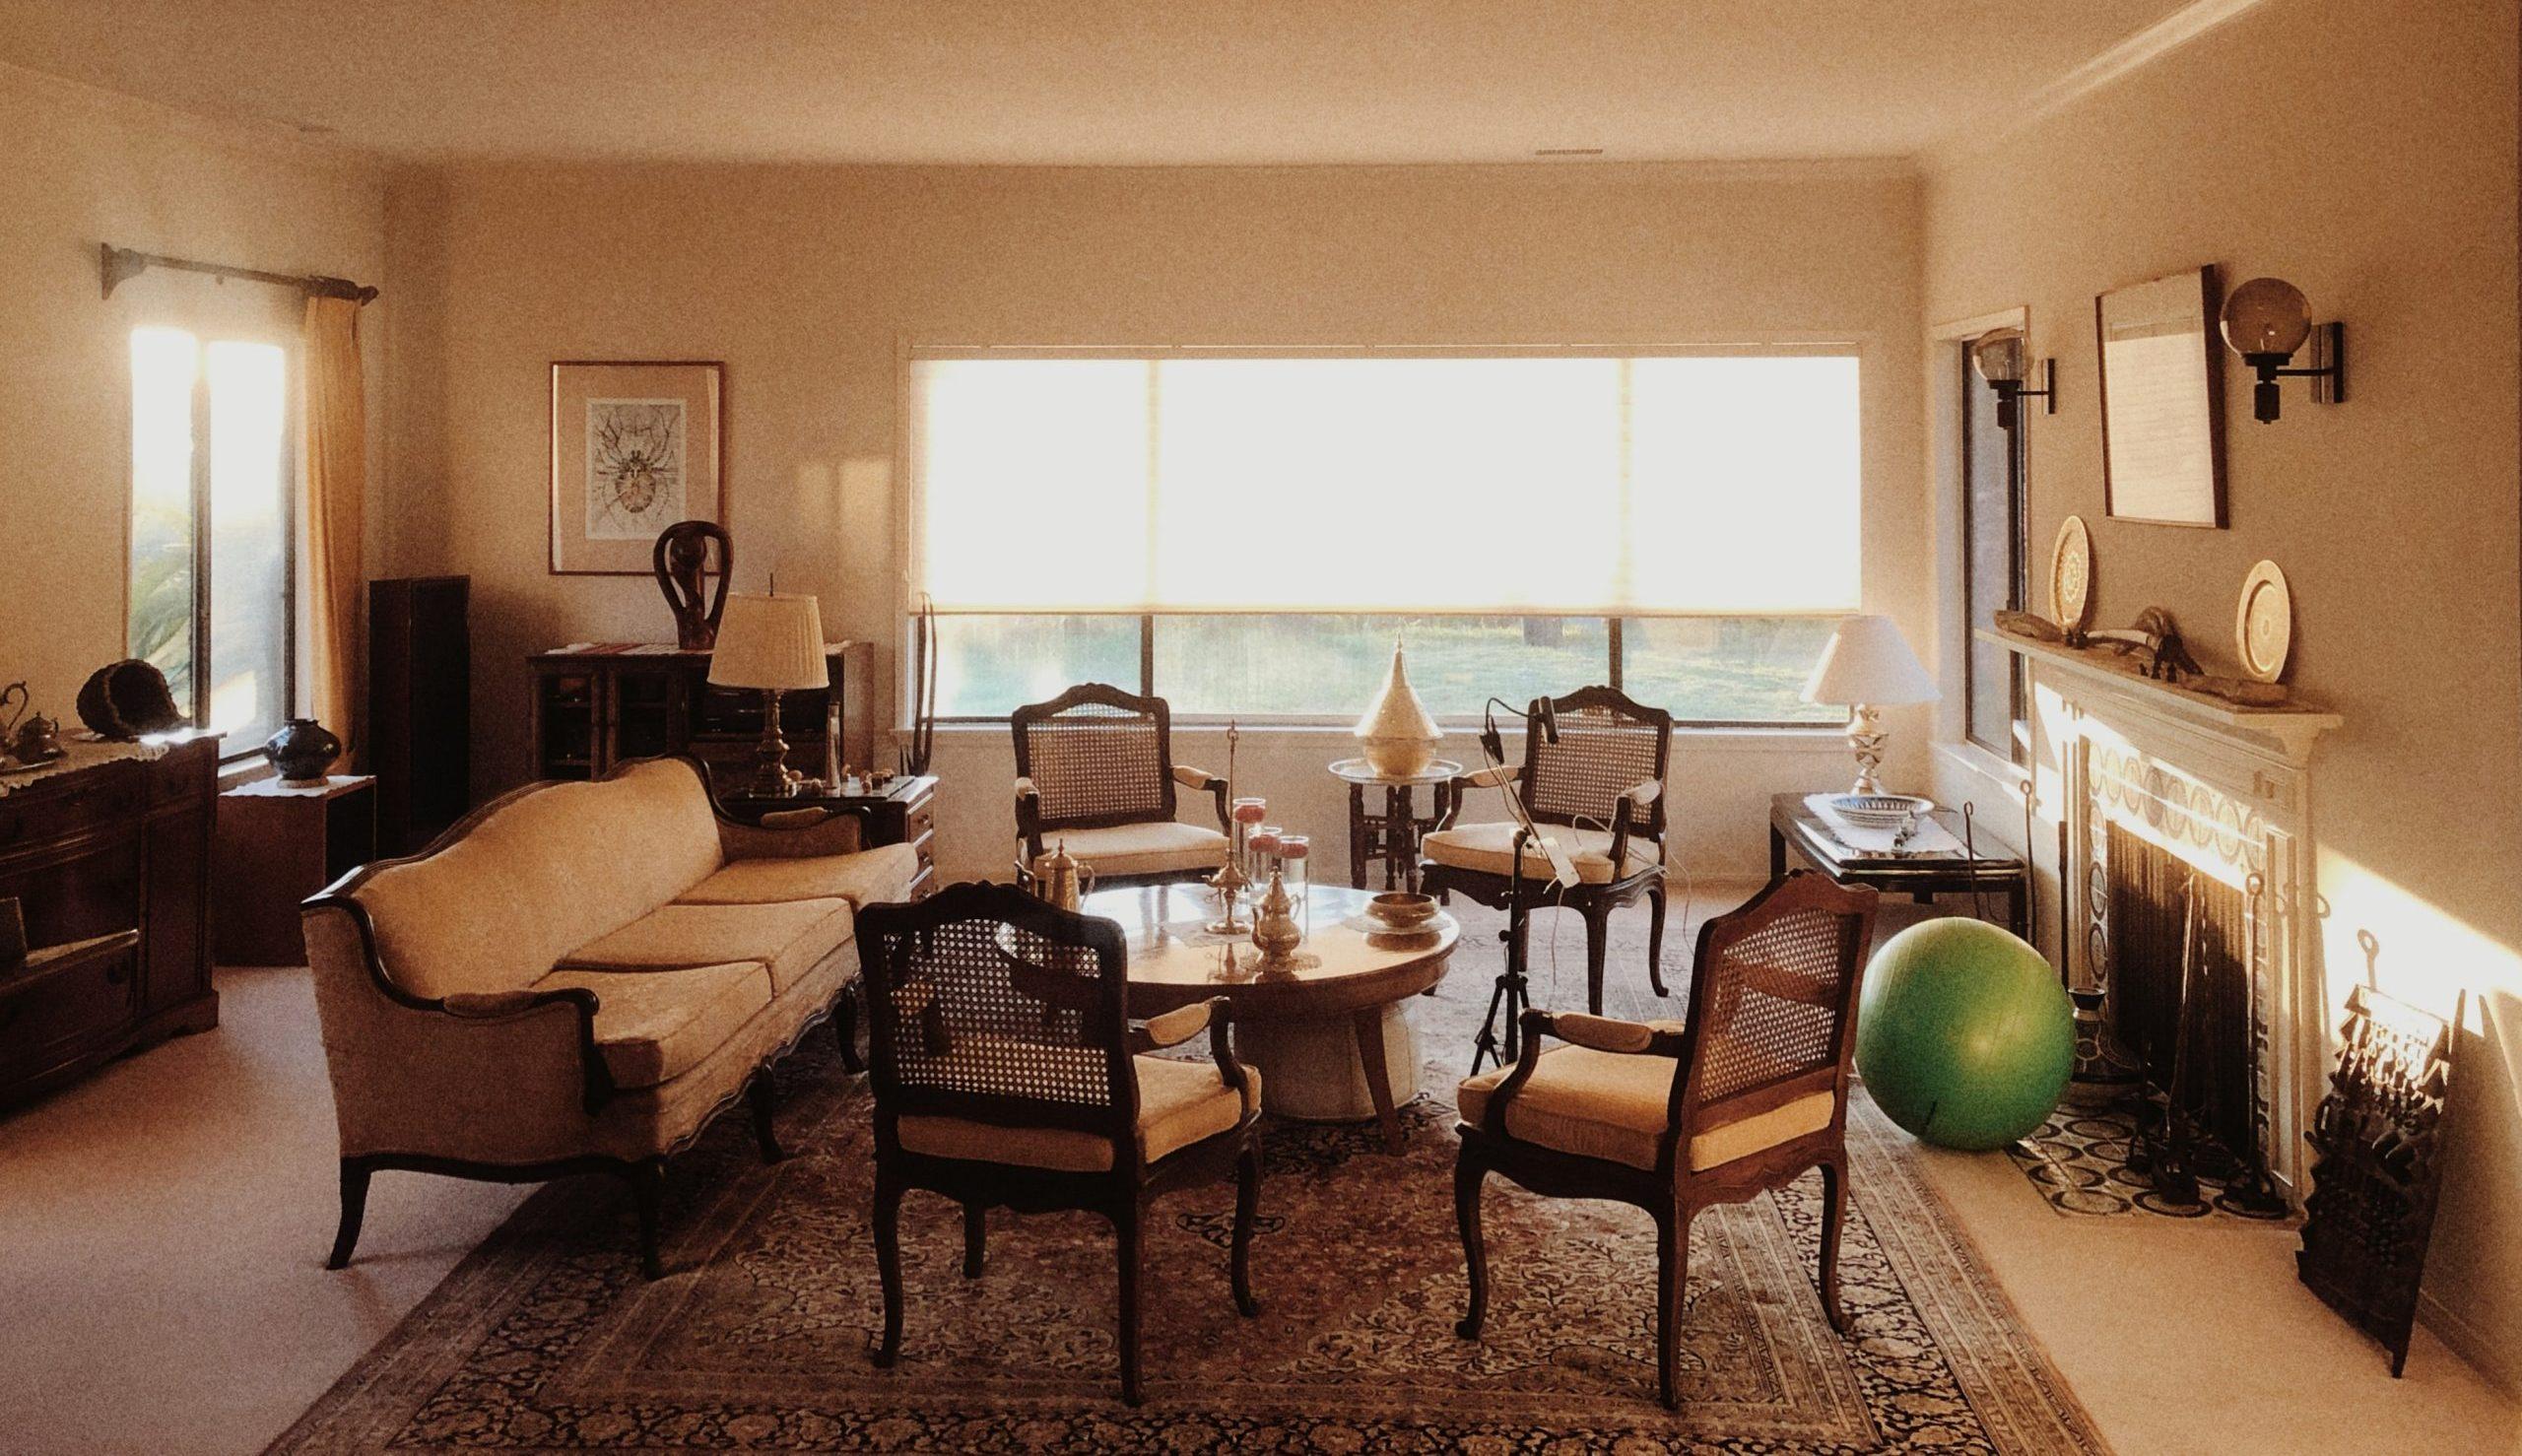 Mini Living Rooms of Grandeur